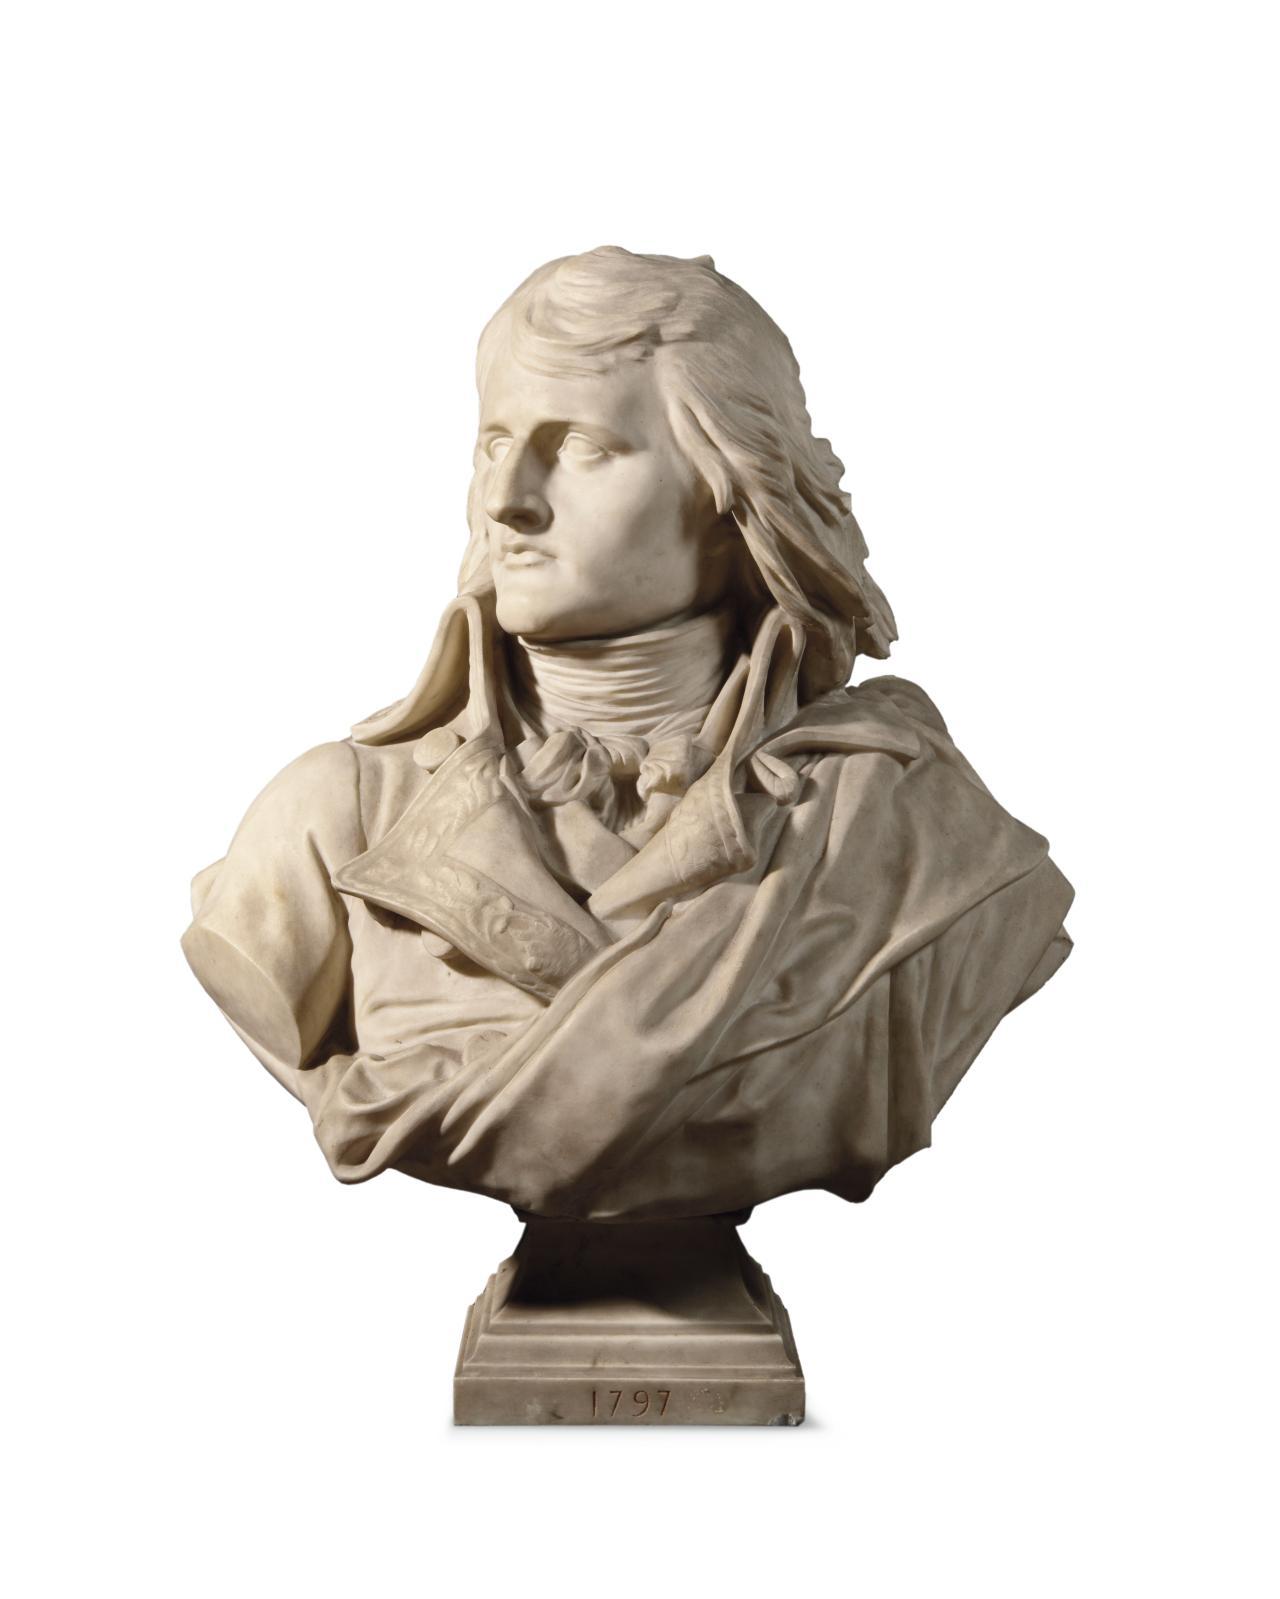 Eugène Jean-Baptiste Claude Guillaume (1822-1905) était remarqué pour quatre bustes en marbre (h.80cm chacun). Ils font partie d'une sér